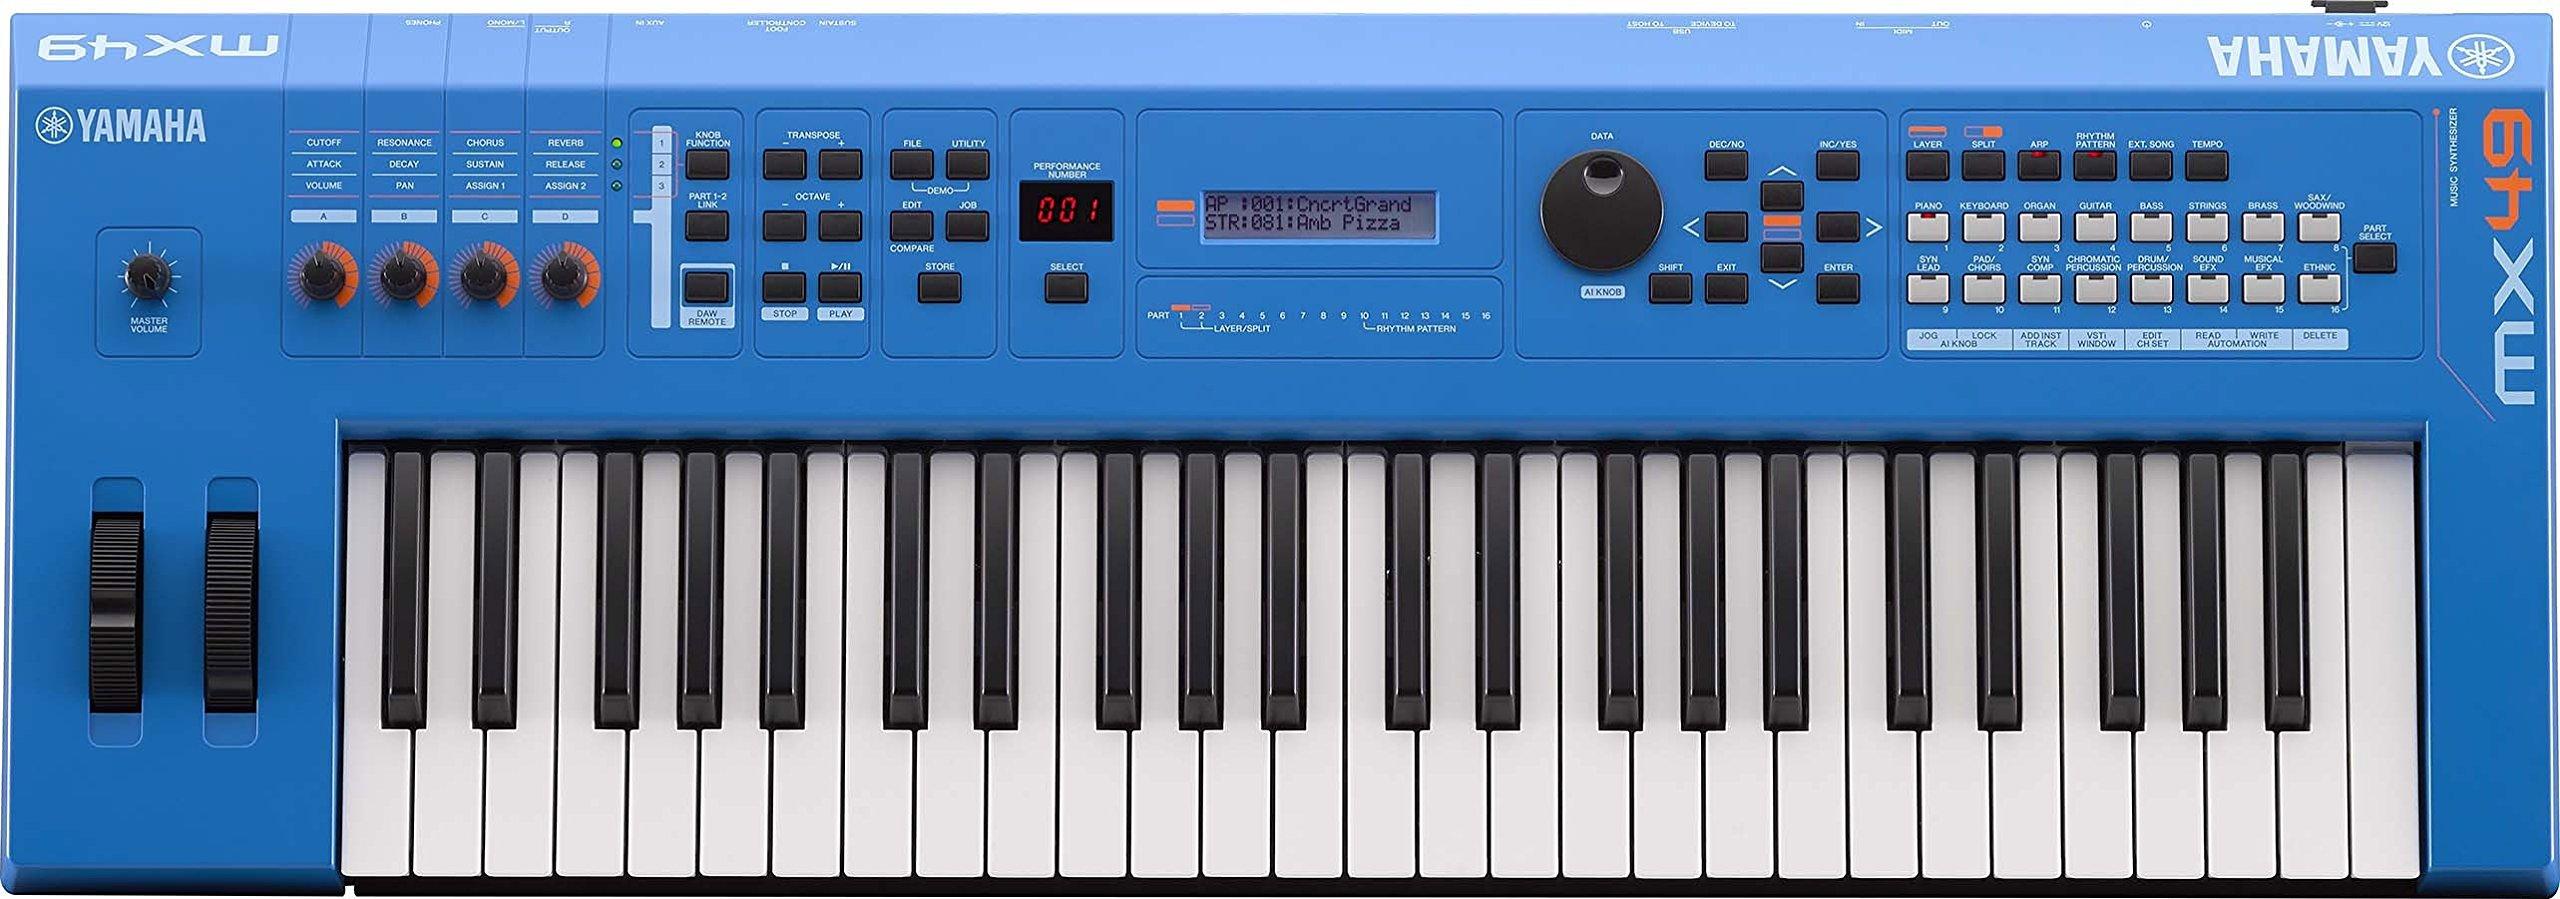 Yamaha MX49 Music Production Synthesizer, Blue by YAMAHA